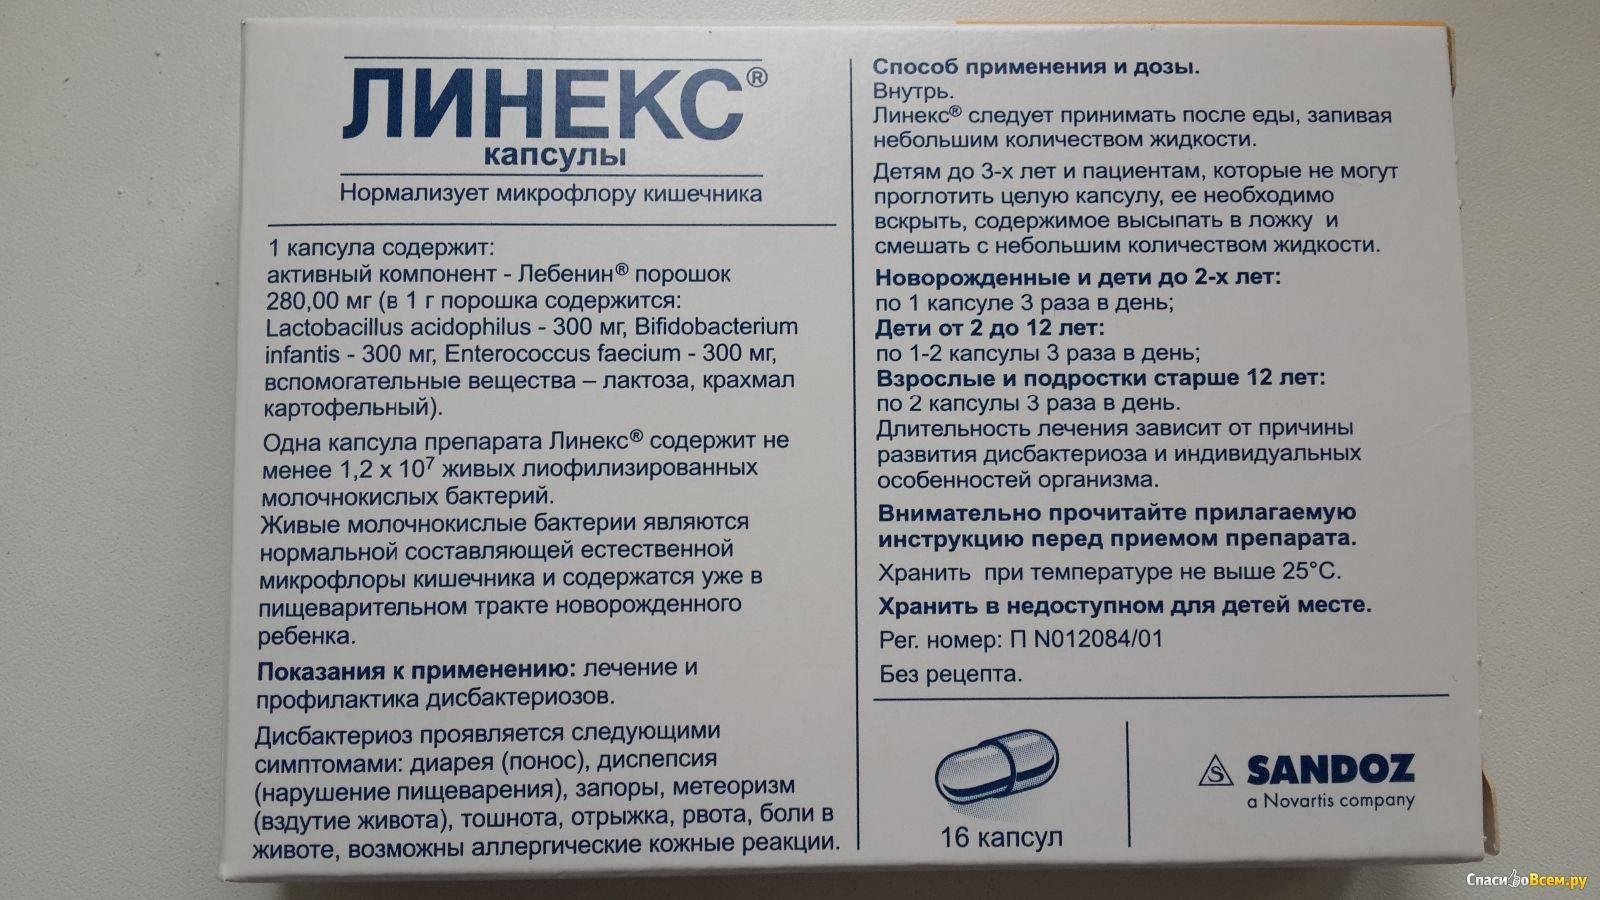 Энтеросгель для собак и кошек: дозировка и инструкция по применению, противопоказания - kotiko.ru